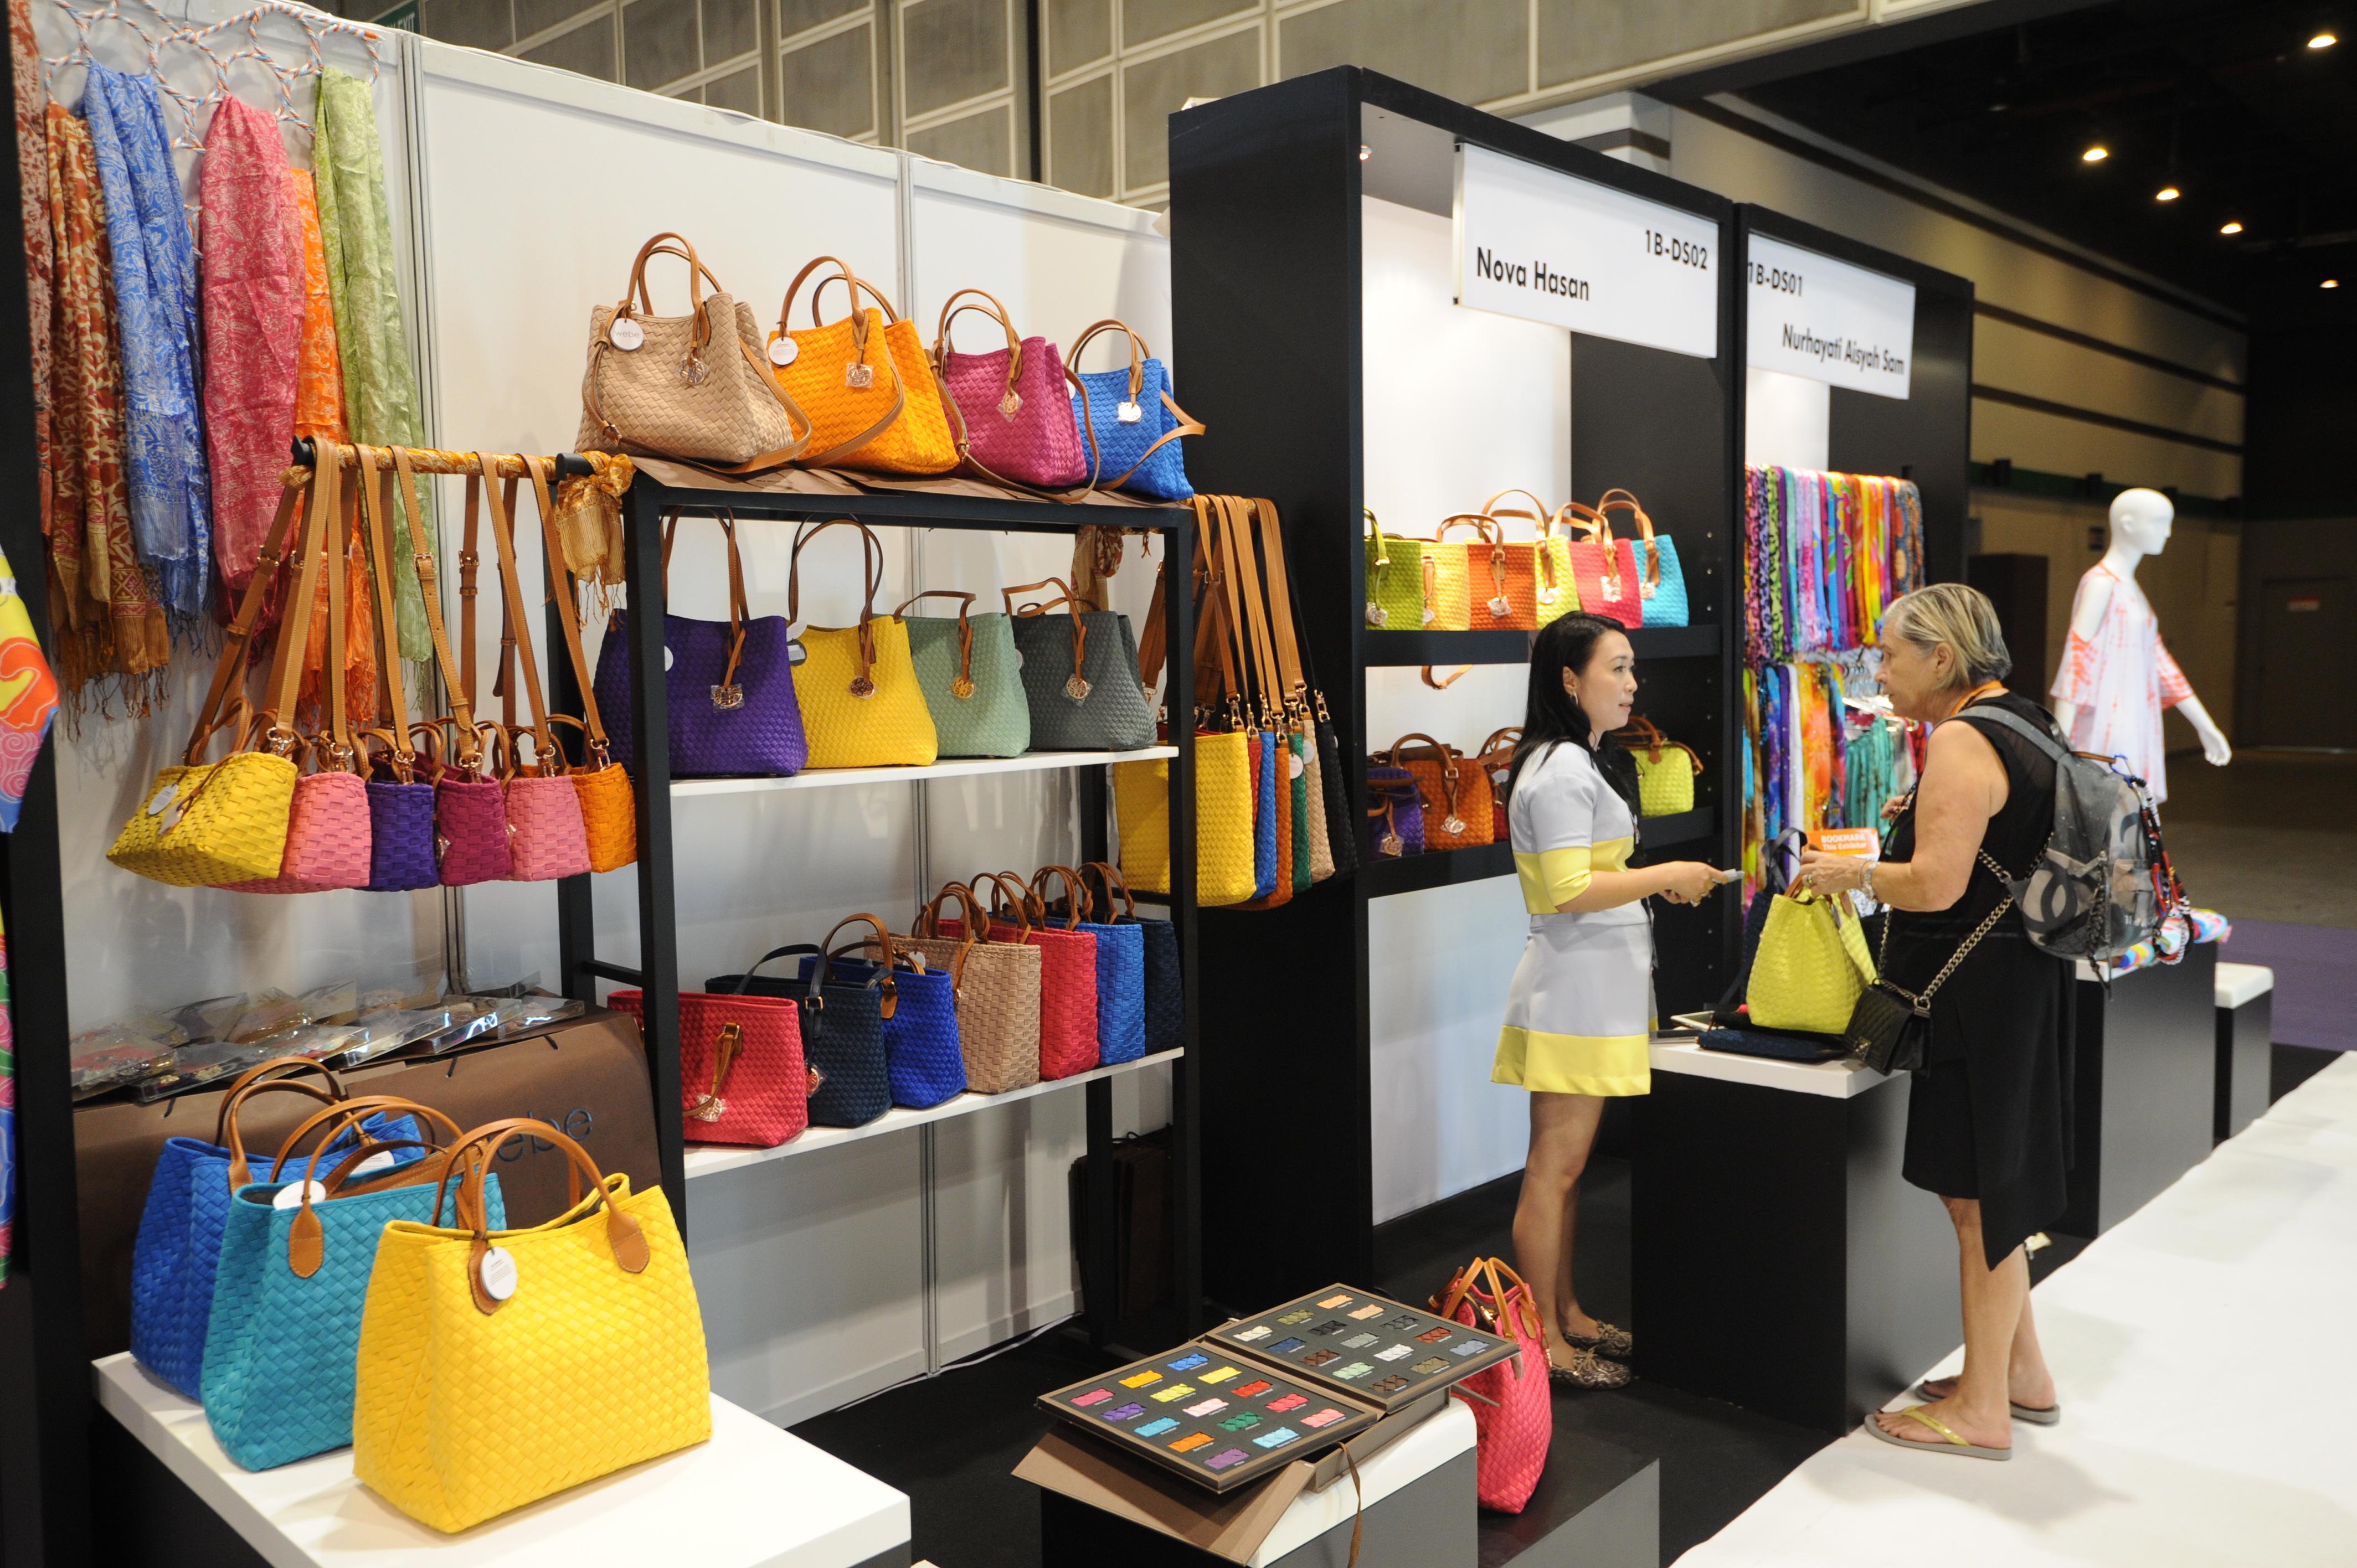 Hong kong clothing online